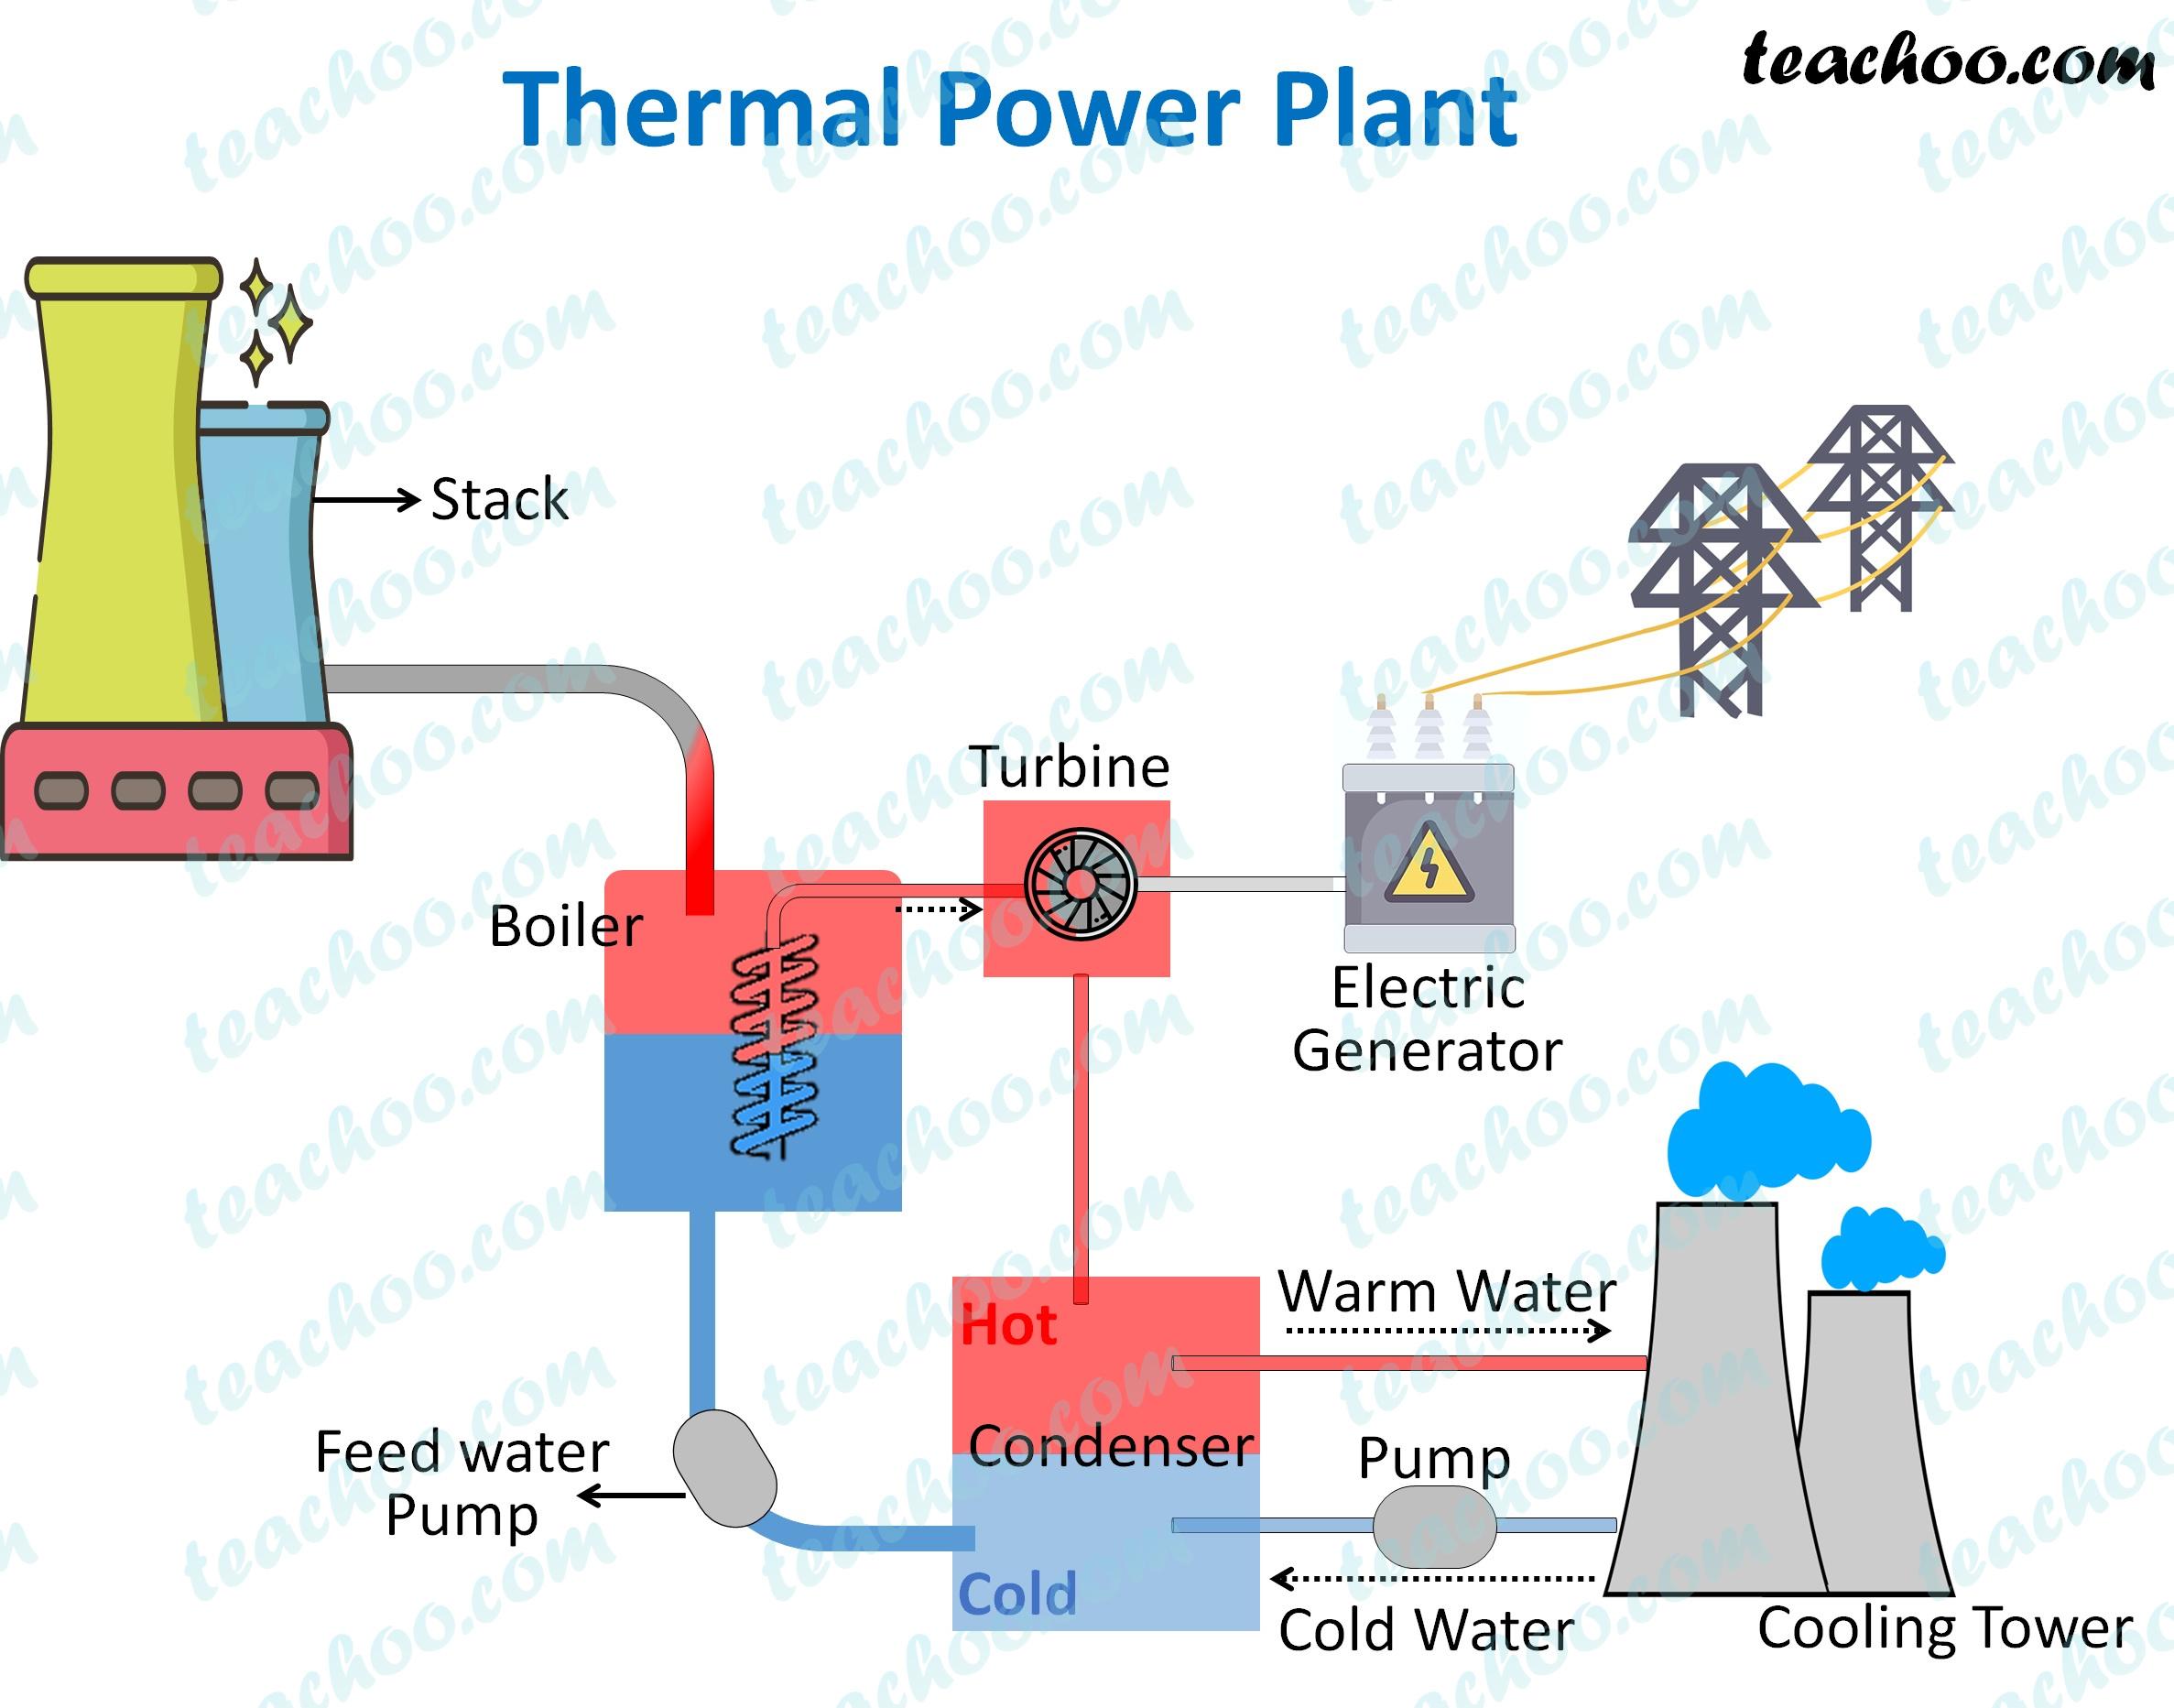 thermal-power-plant---teachoo (1).jpg